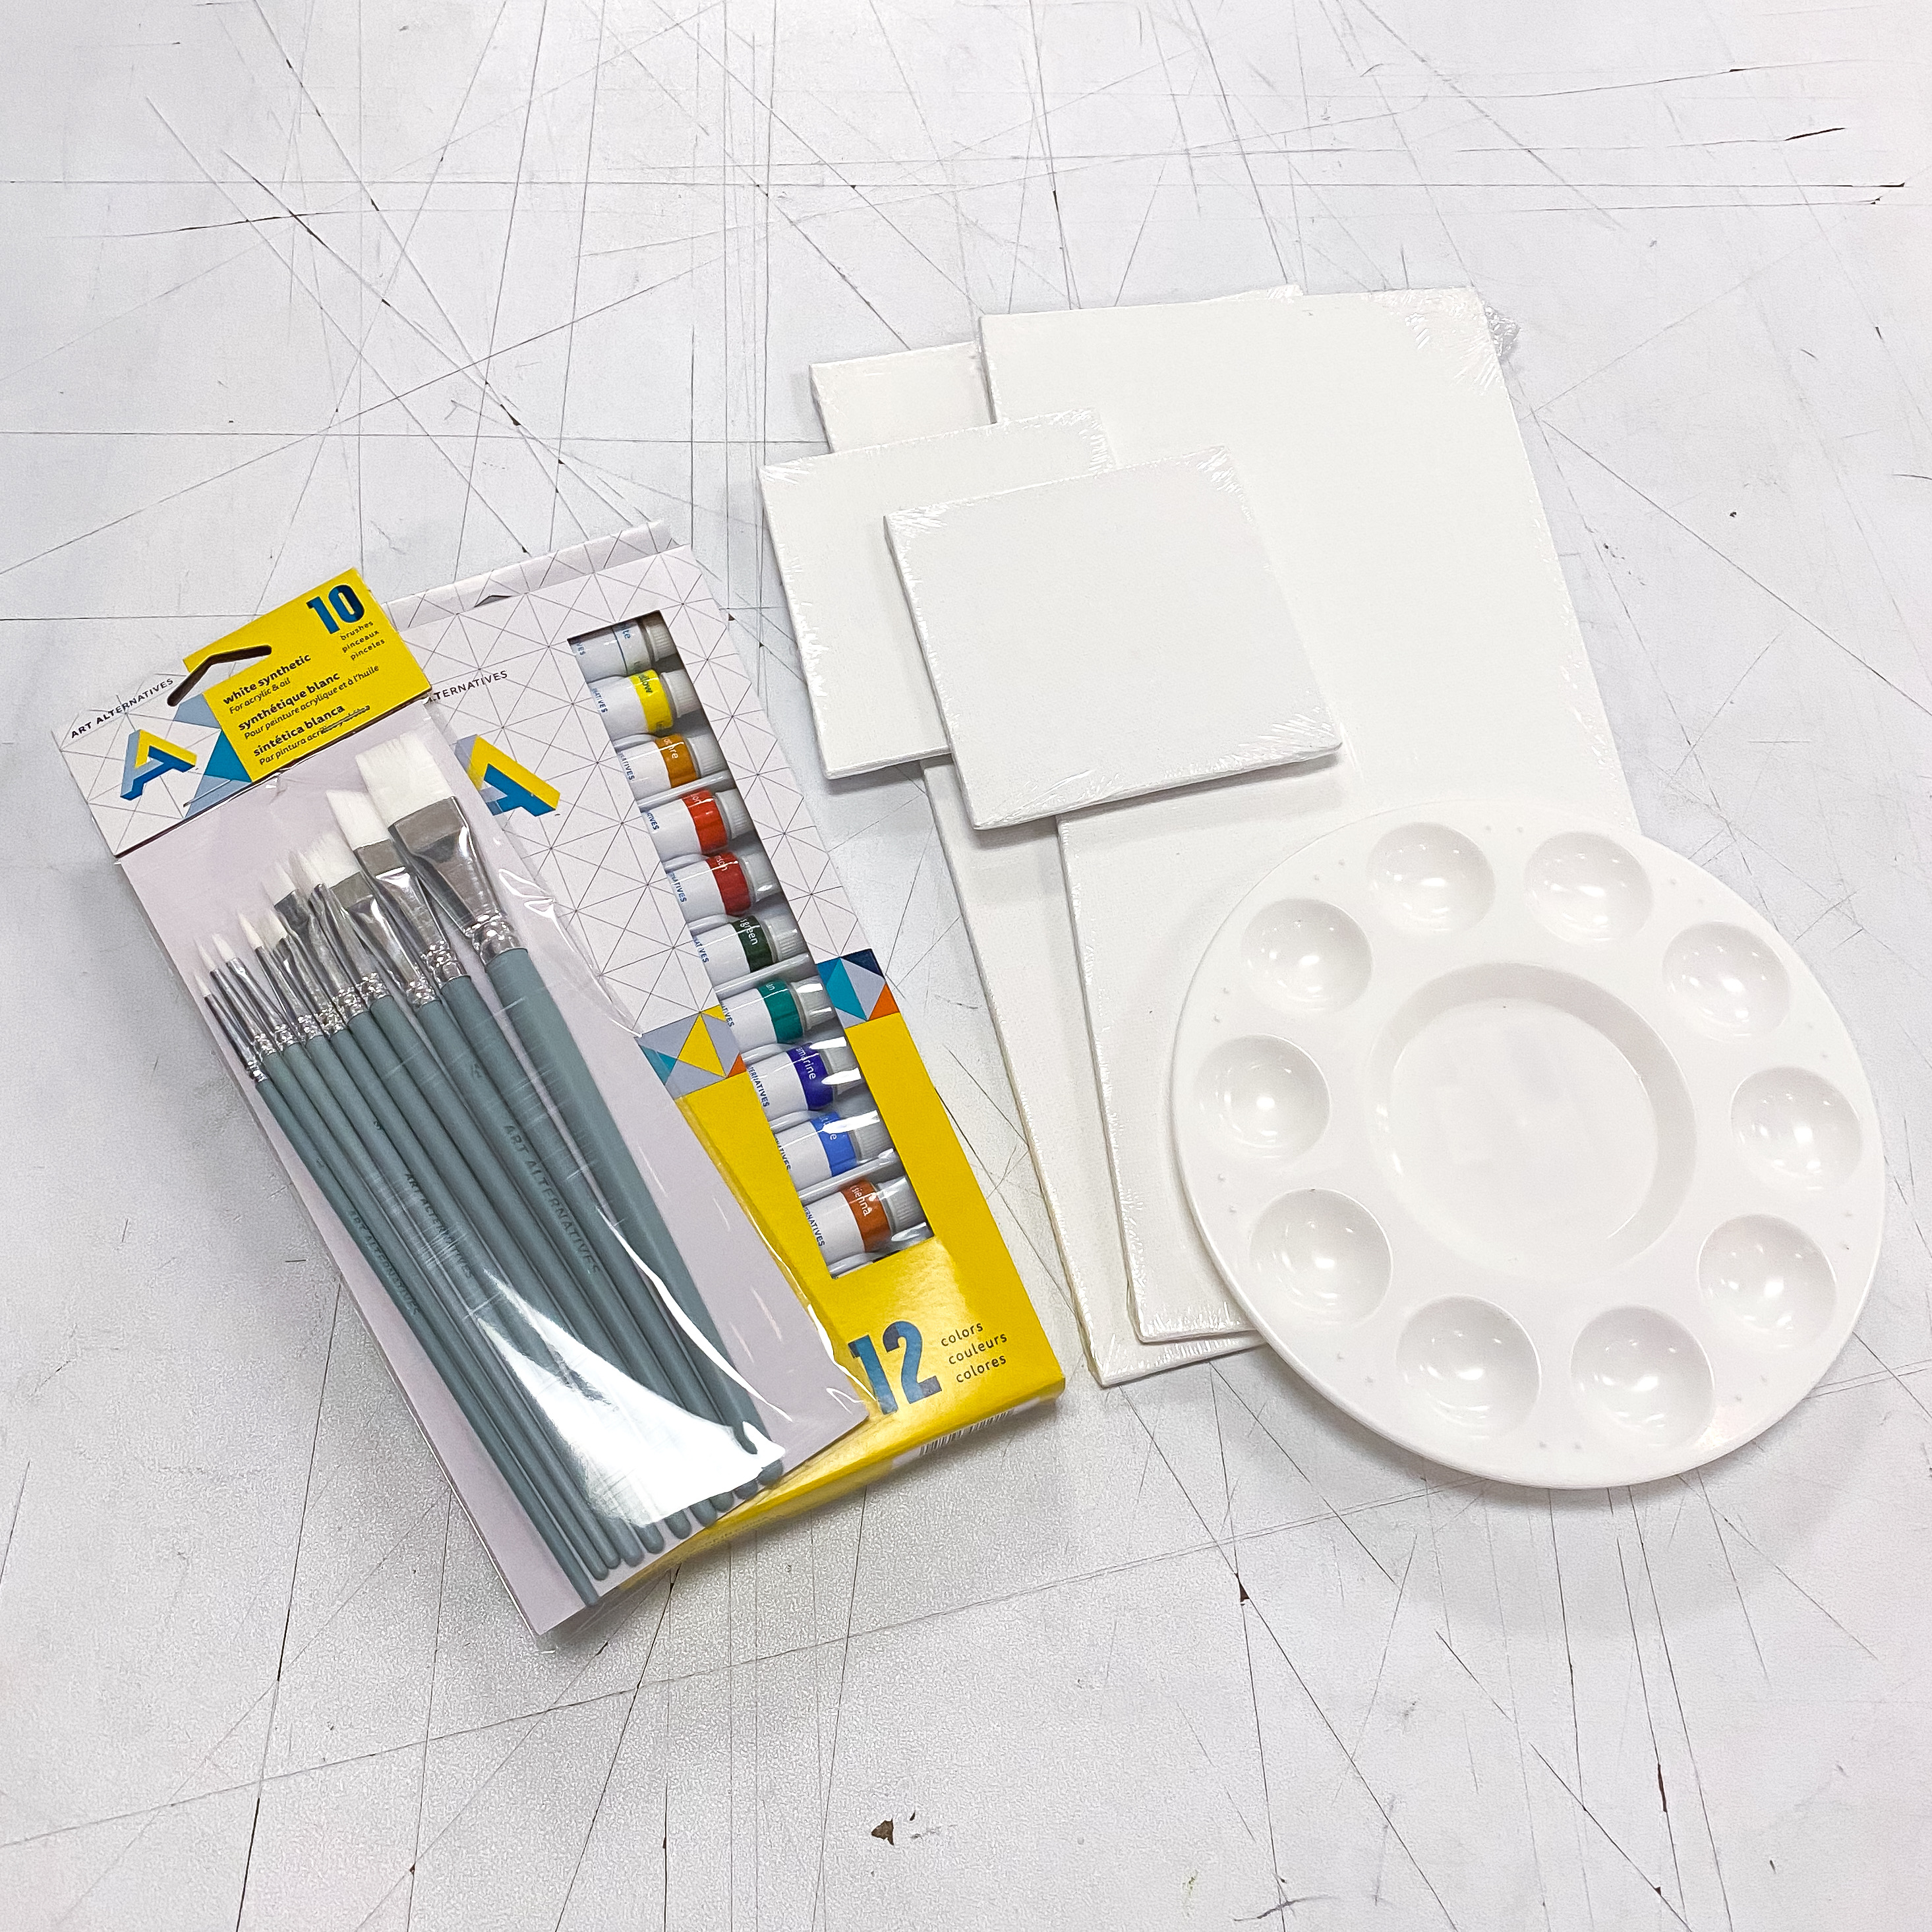 Paint Date Kit!